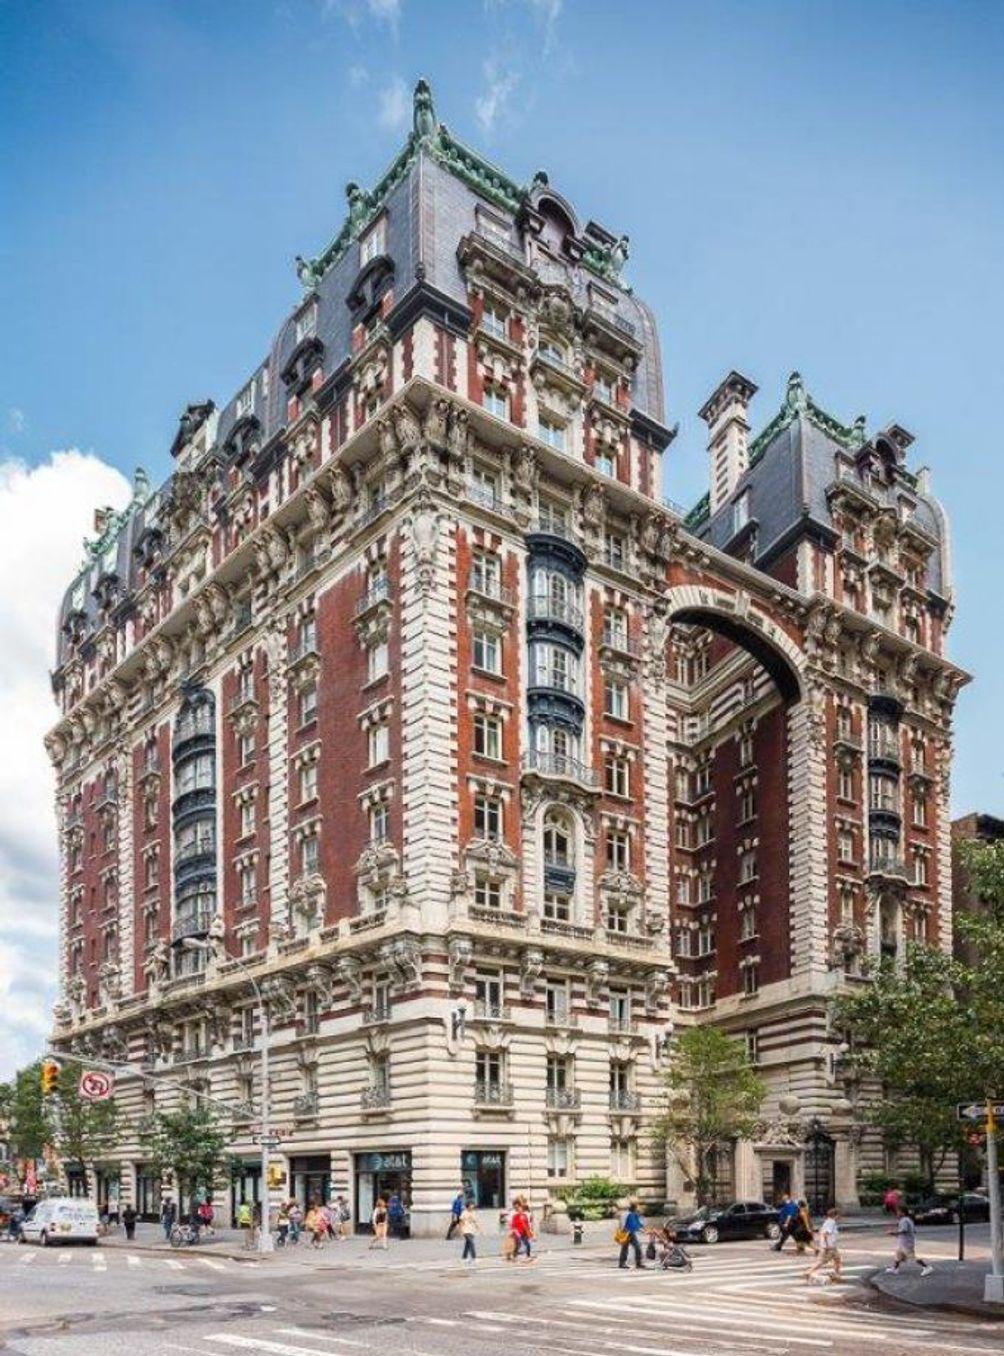 The Dorilton -Upper West Side